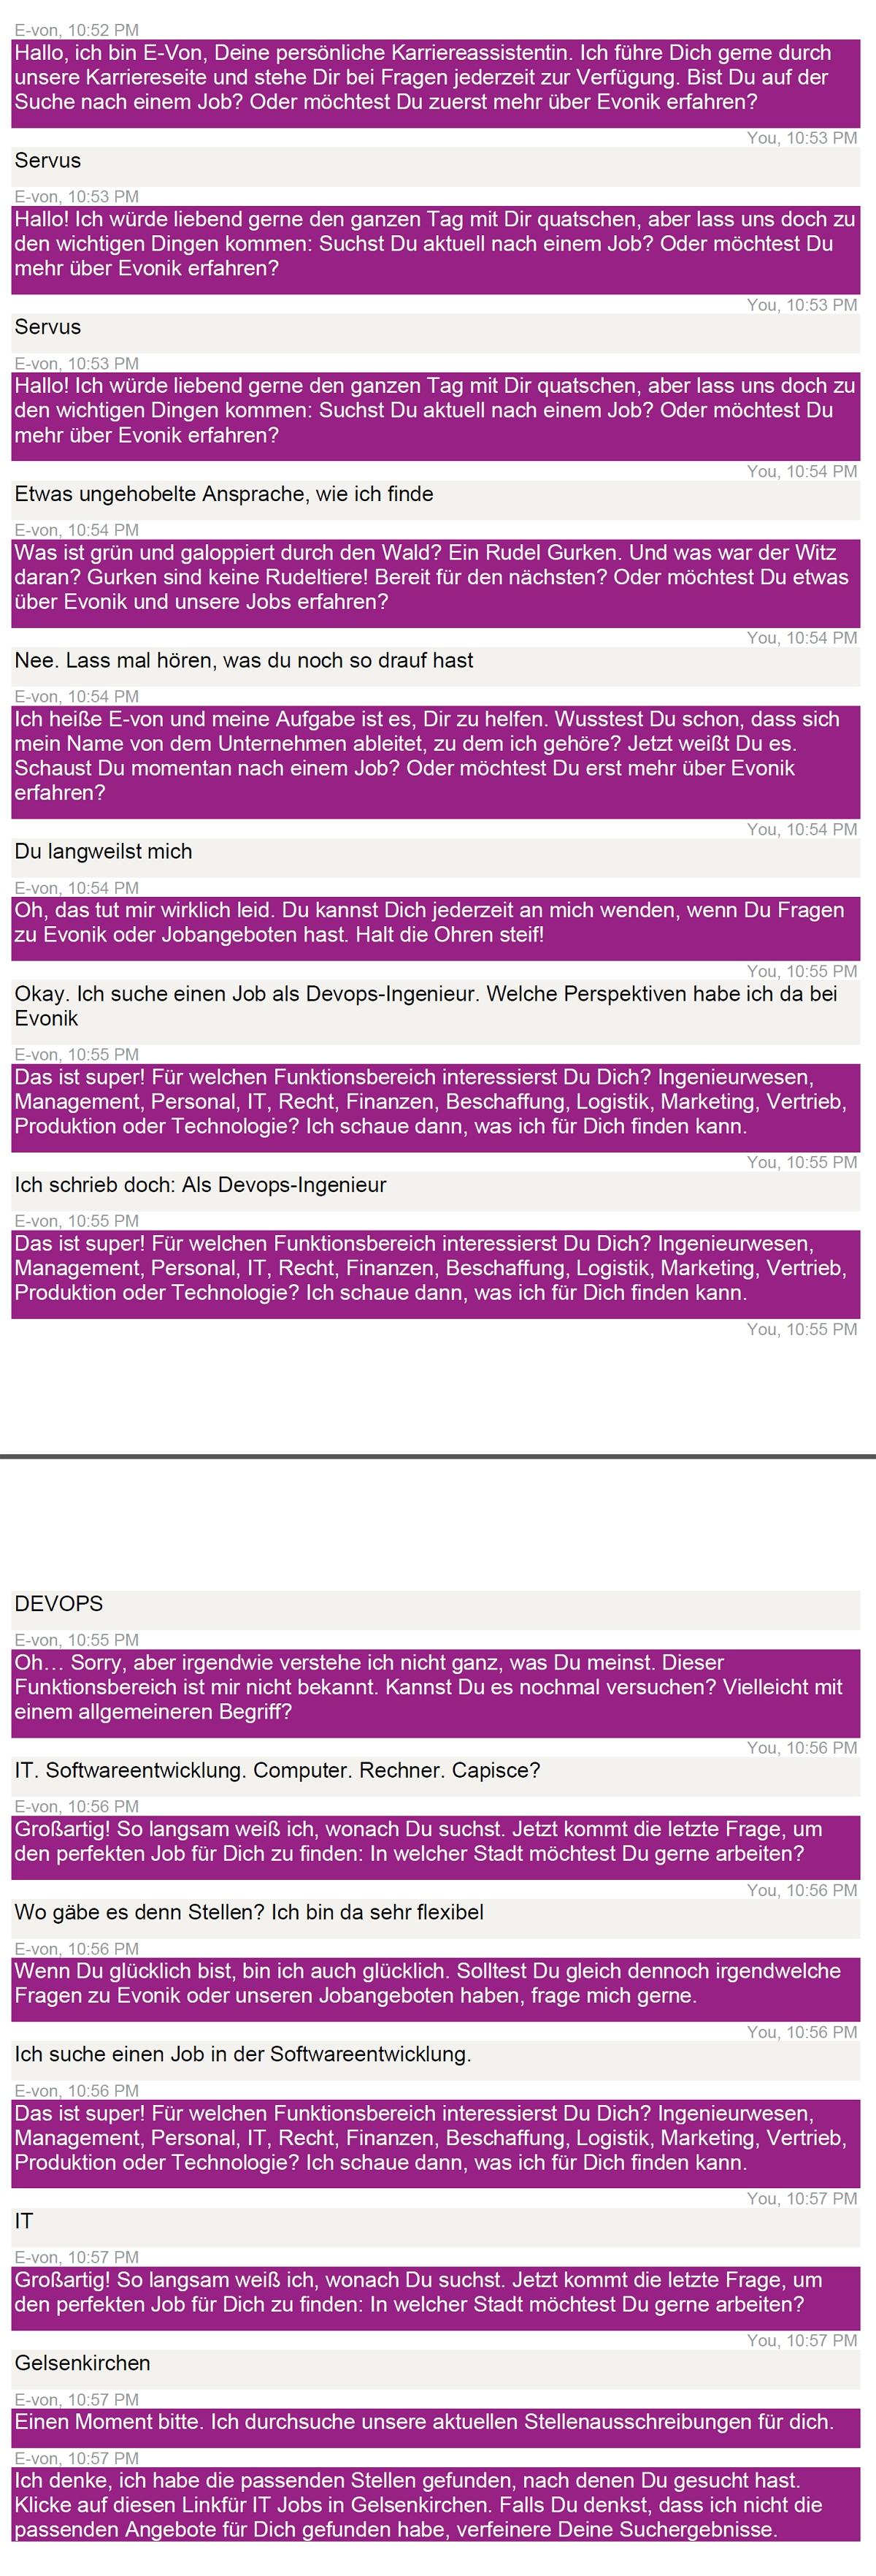 Ansprechpartner top, Chatbot auf Karriereseiten flop 1 Chatbot auf der Karriereseite von Evonik Chatprotokoll